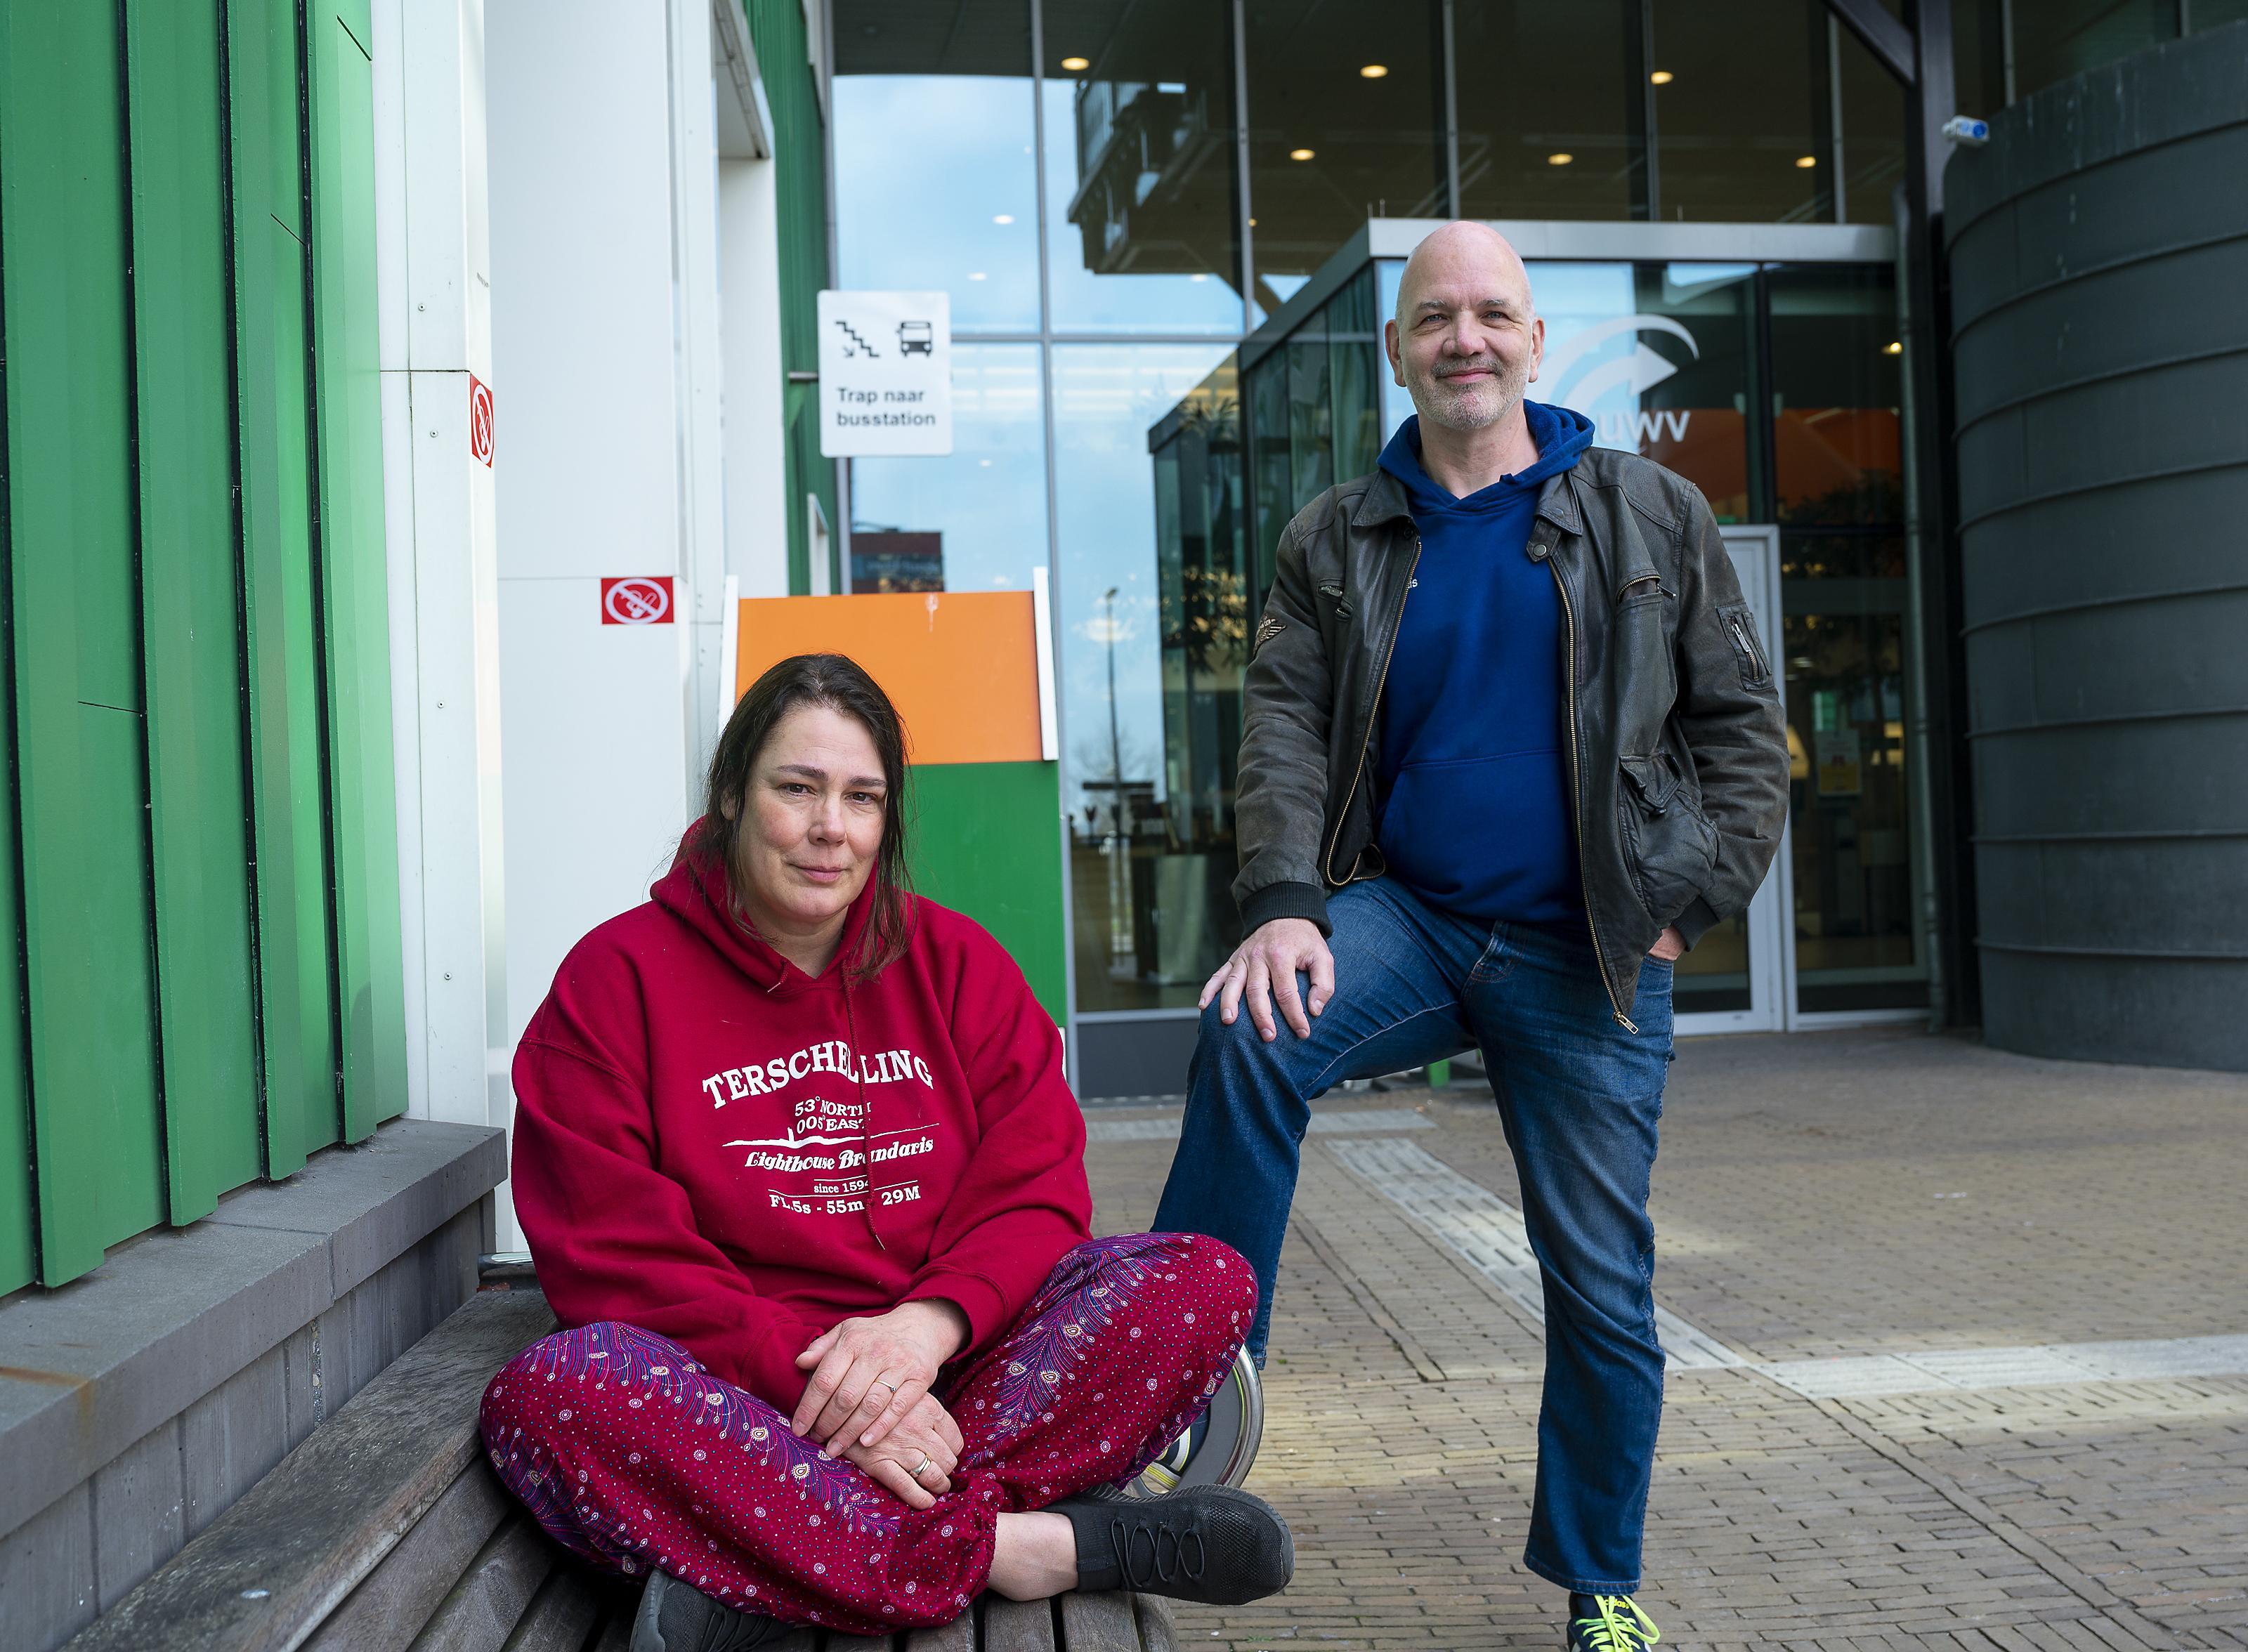 Verloren in de jungle: Marja West en Jürgen Snoeren legden alle verhalen over verdwijning van Lisanne en Kris onder het vergrootglas